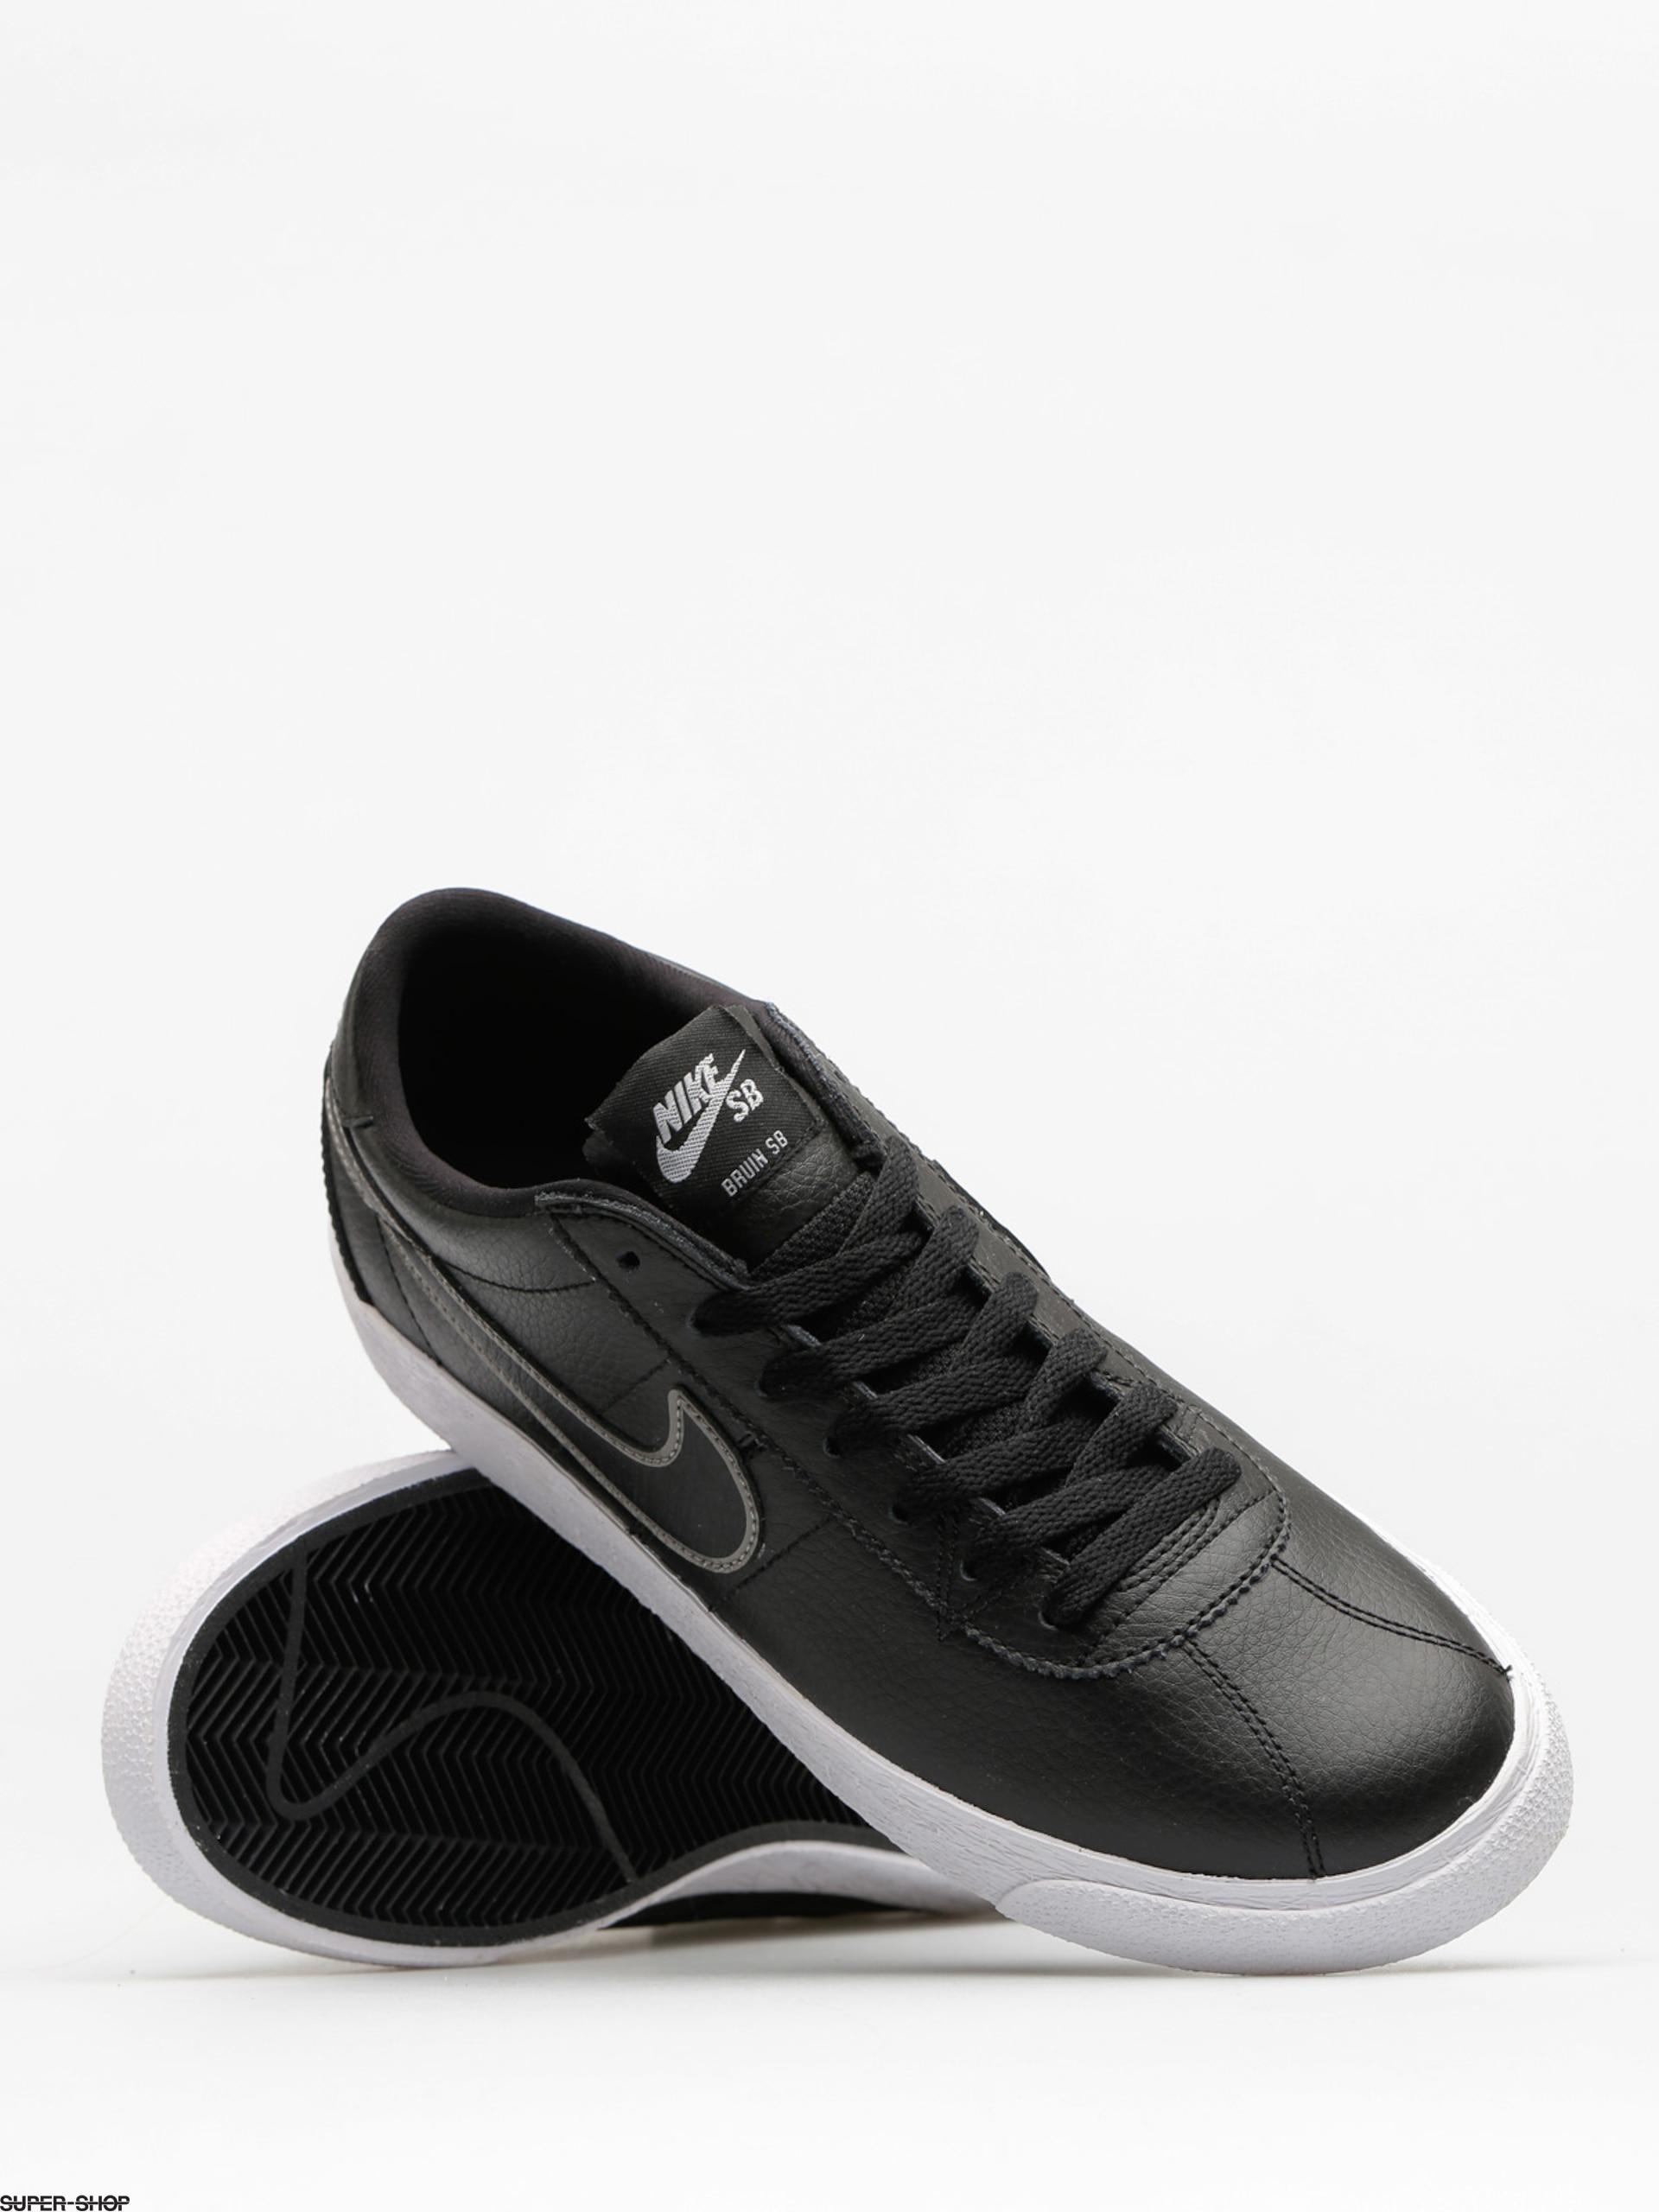 Calígrafo Edición Inconsciente  Nike SB Shoes Zoom Bruin Premium Se (black/black mtlc pewter)